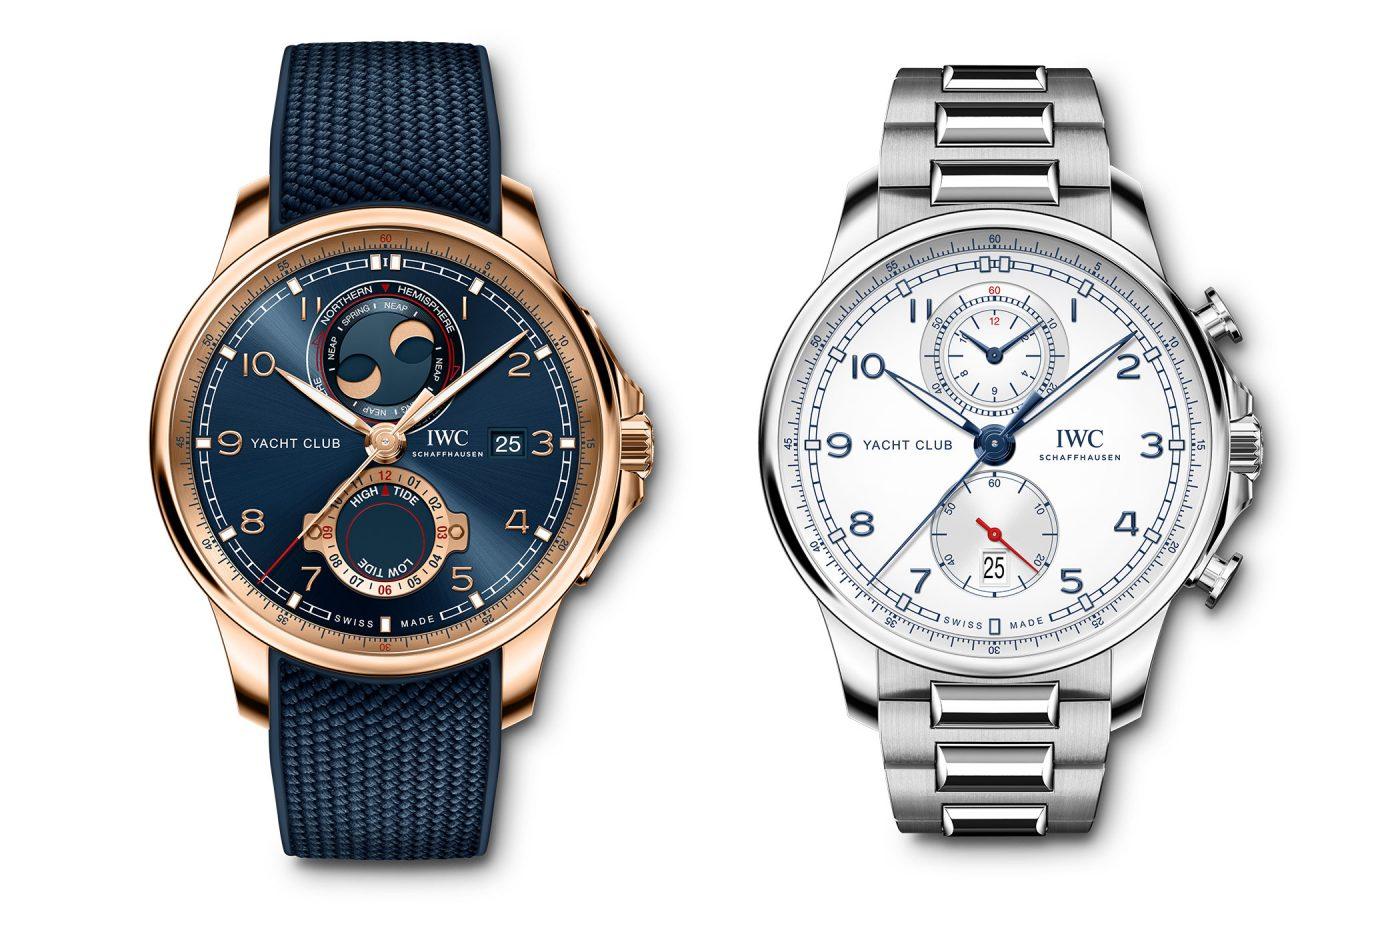 IWC Portugieser Yacht Club Chronograph i Yacht Club Moon & Tide – W&W 2020 [dostępność, cena]